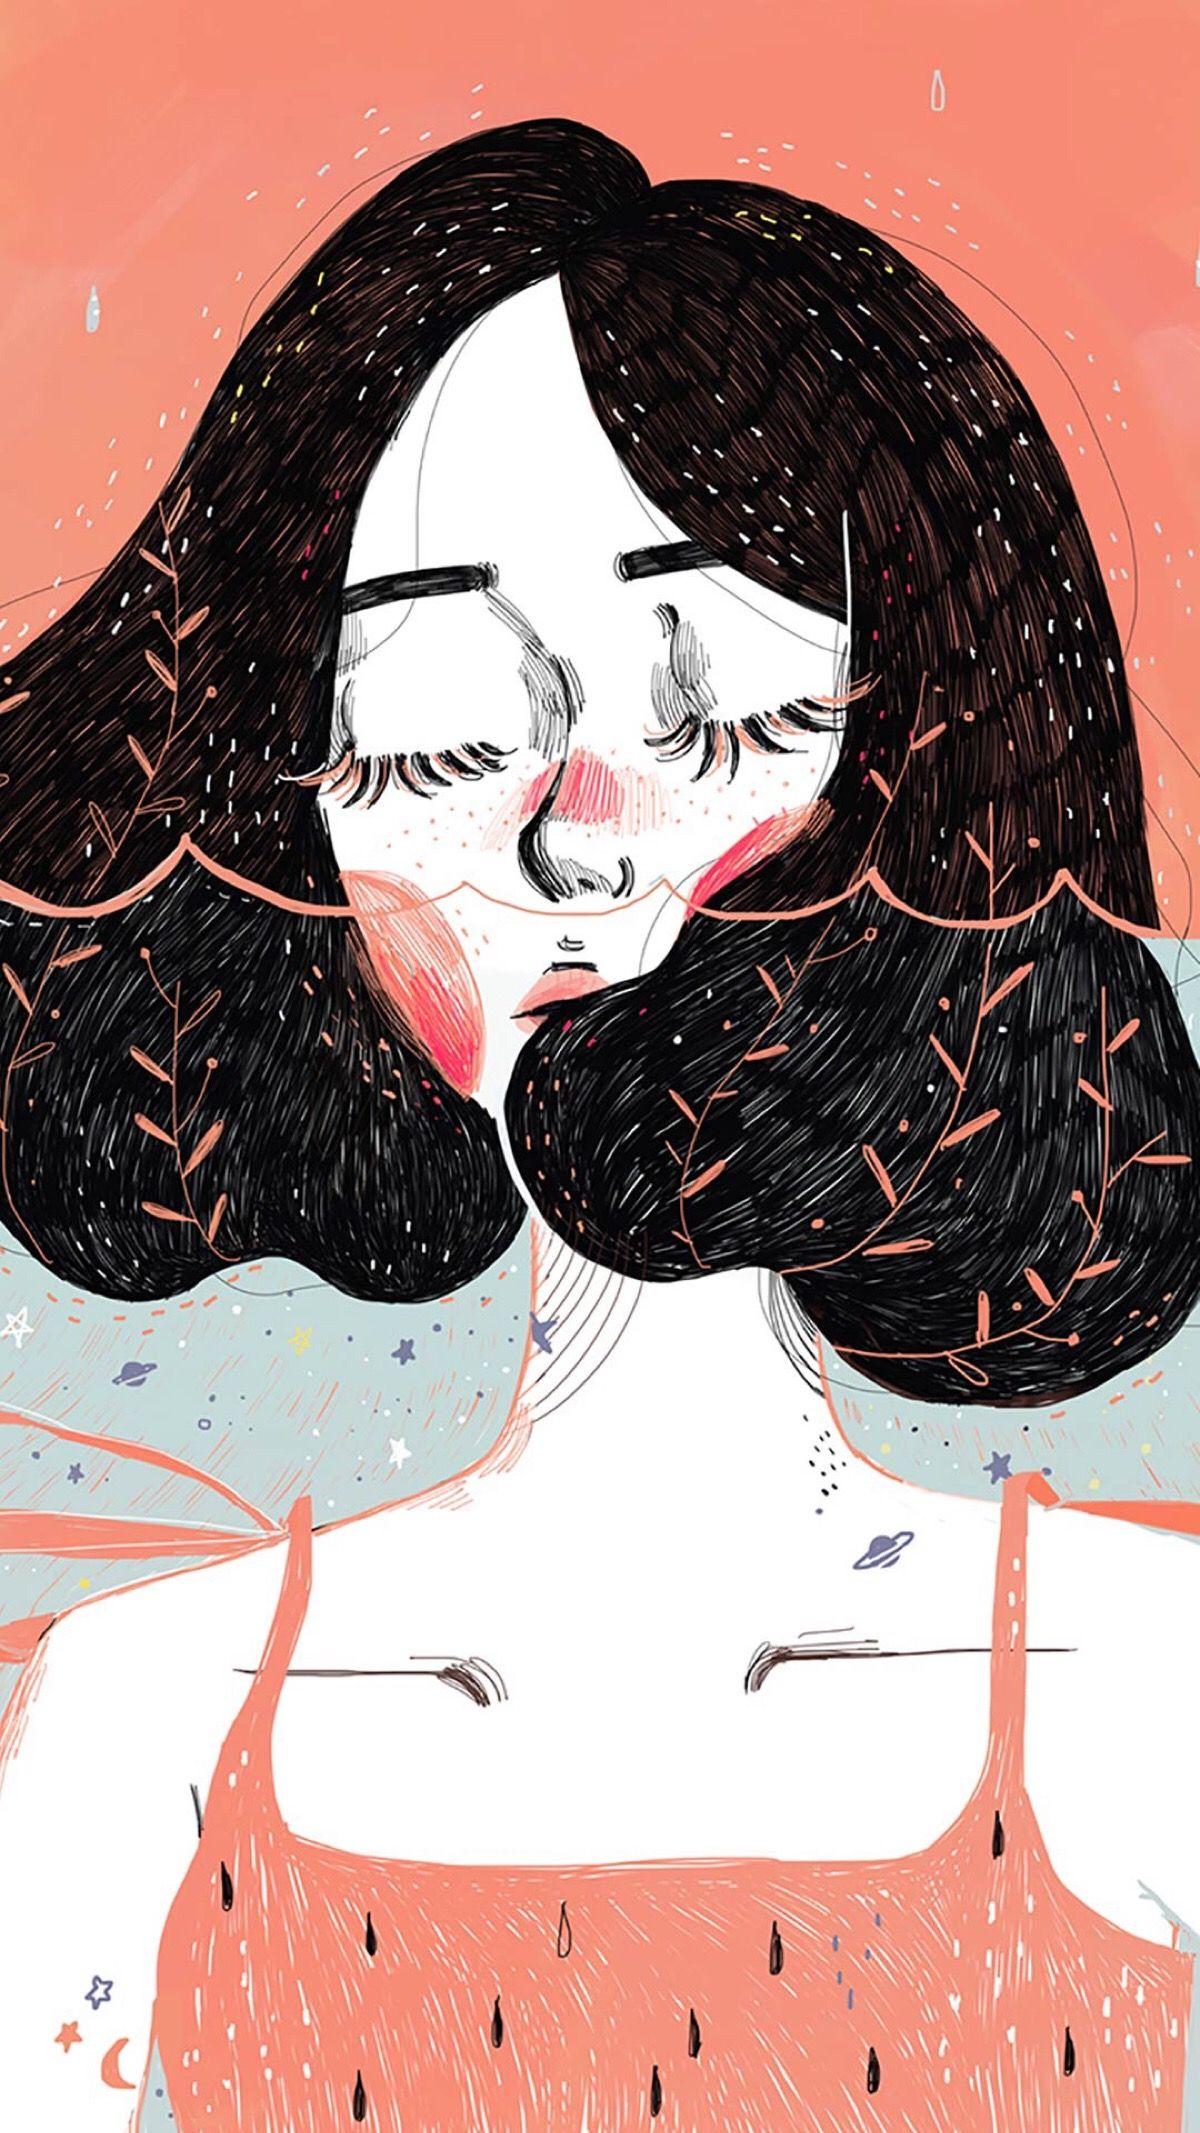 Girl Short Hair Lukisan Seni Ilustrasi Karakter Seni Abstrak